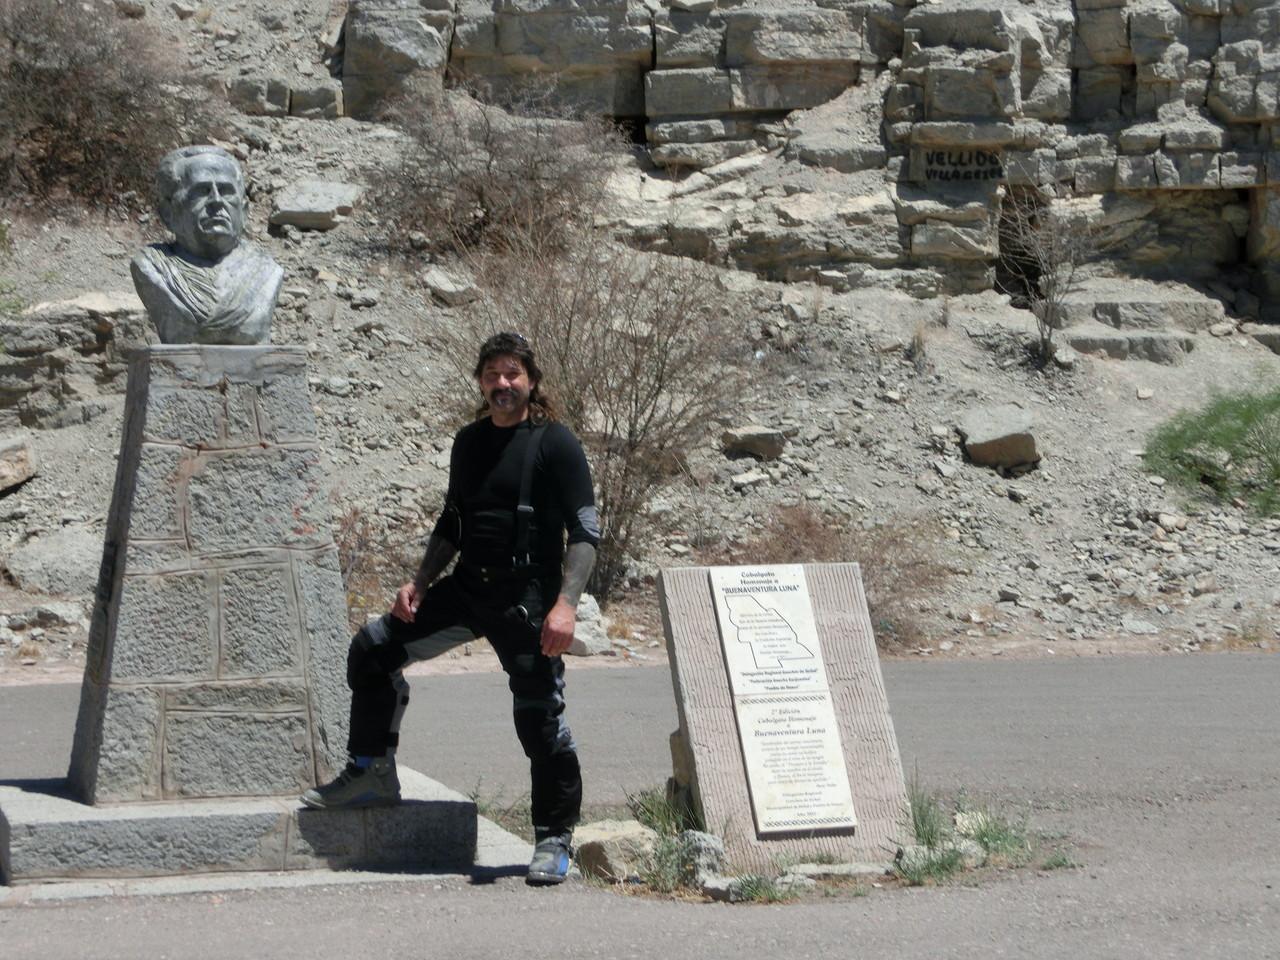 Fridl als Monument